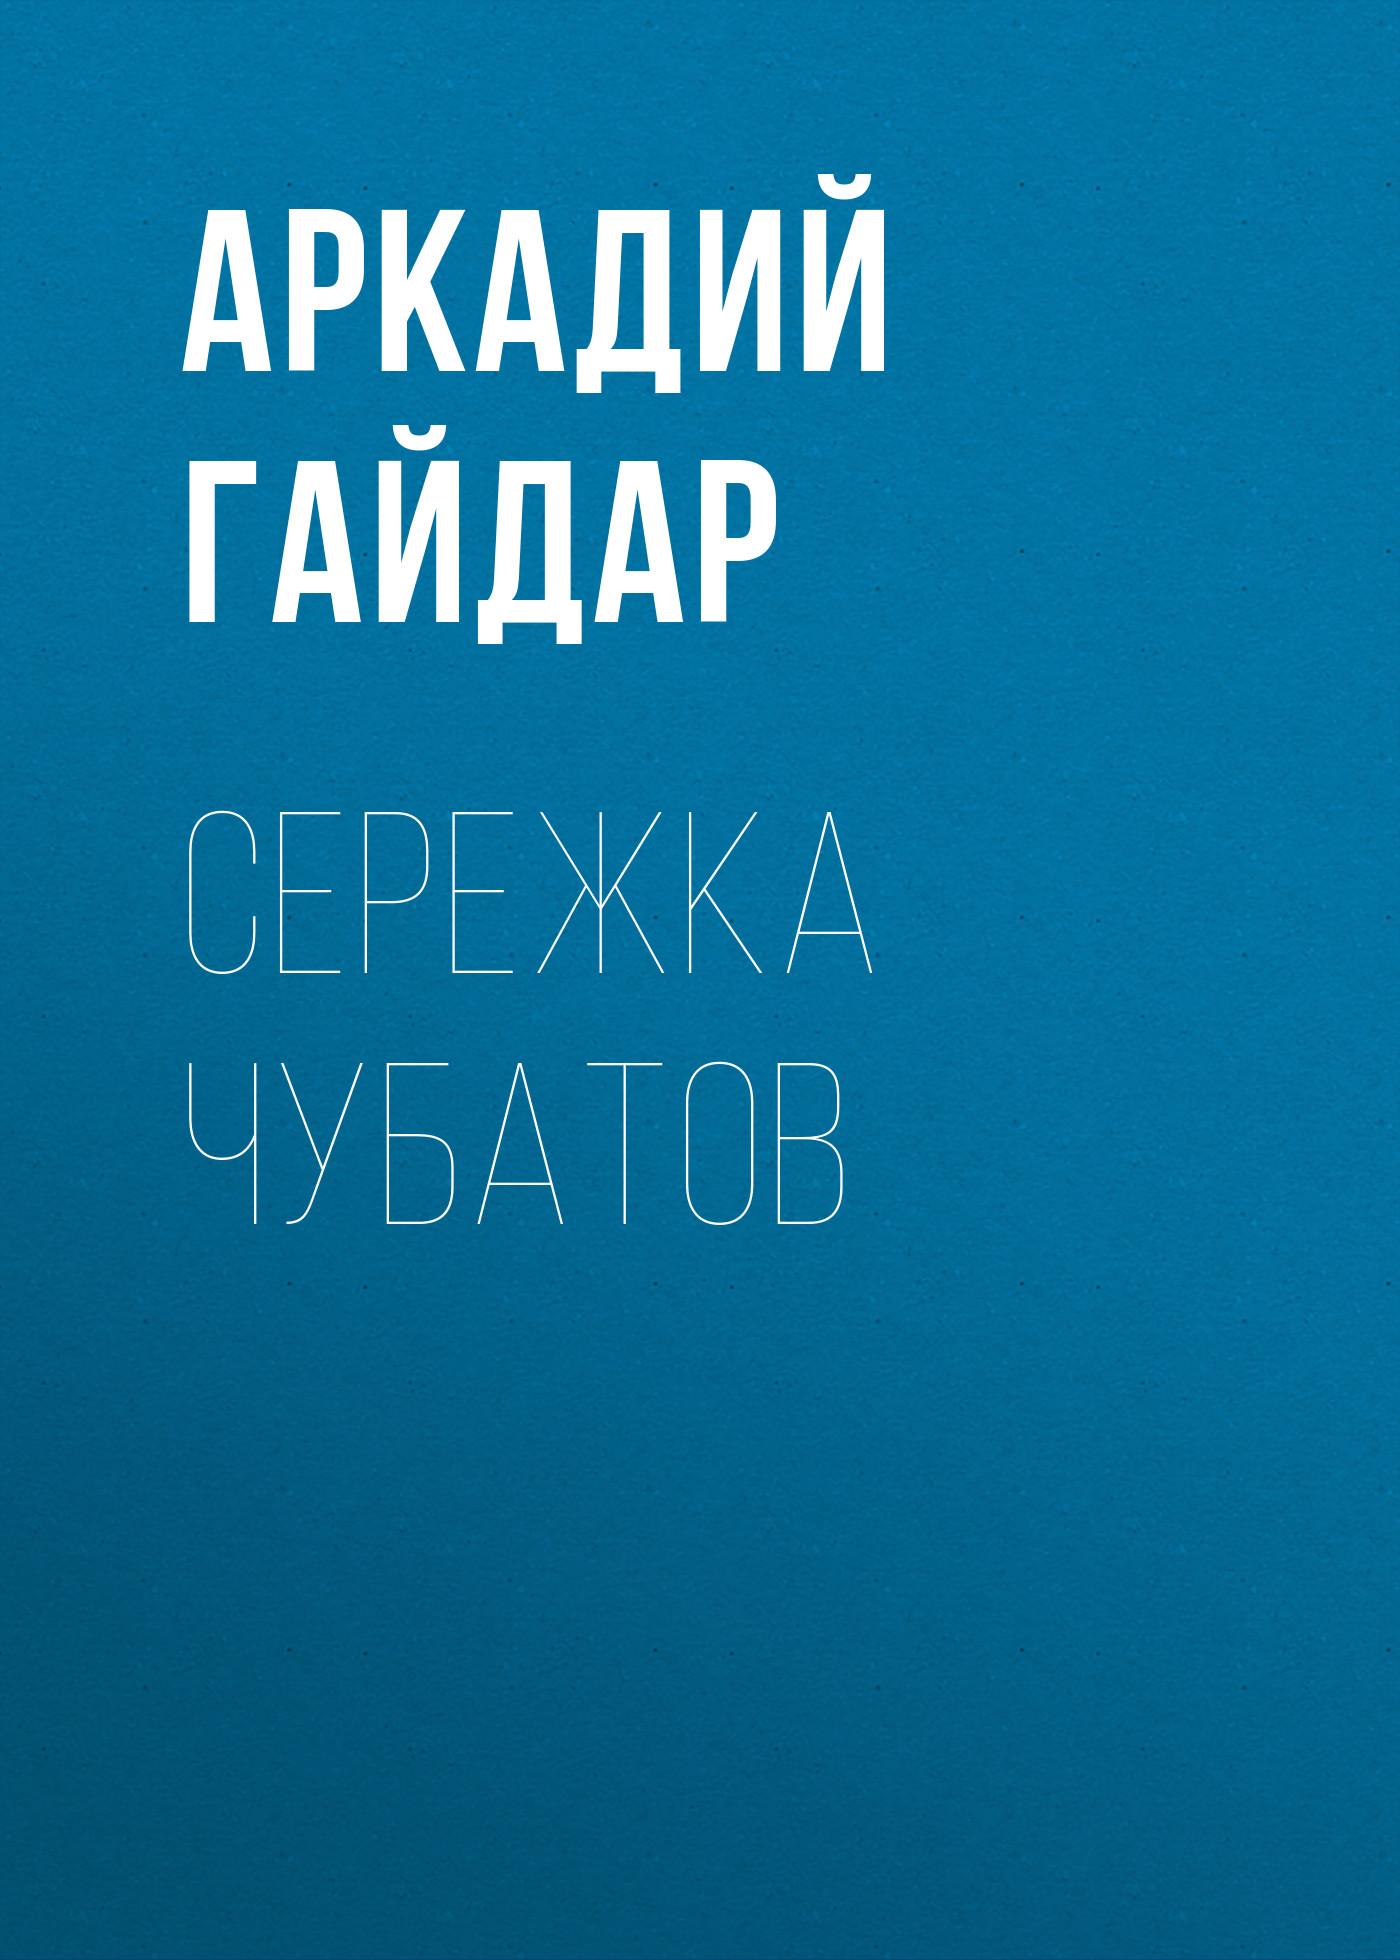 serezhka chubatov